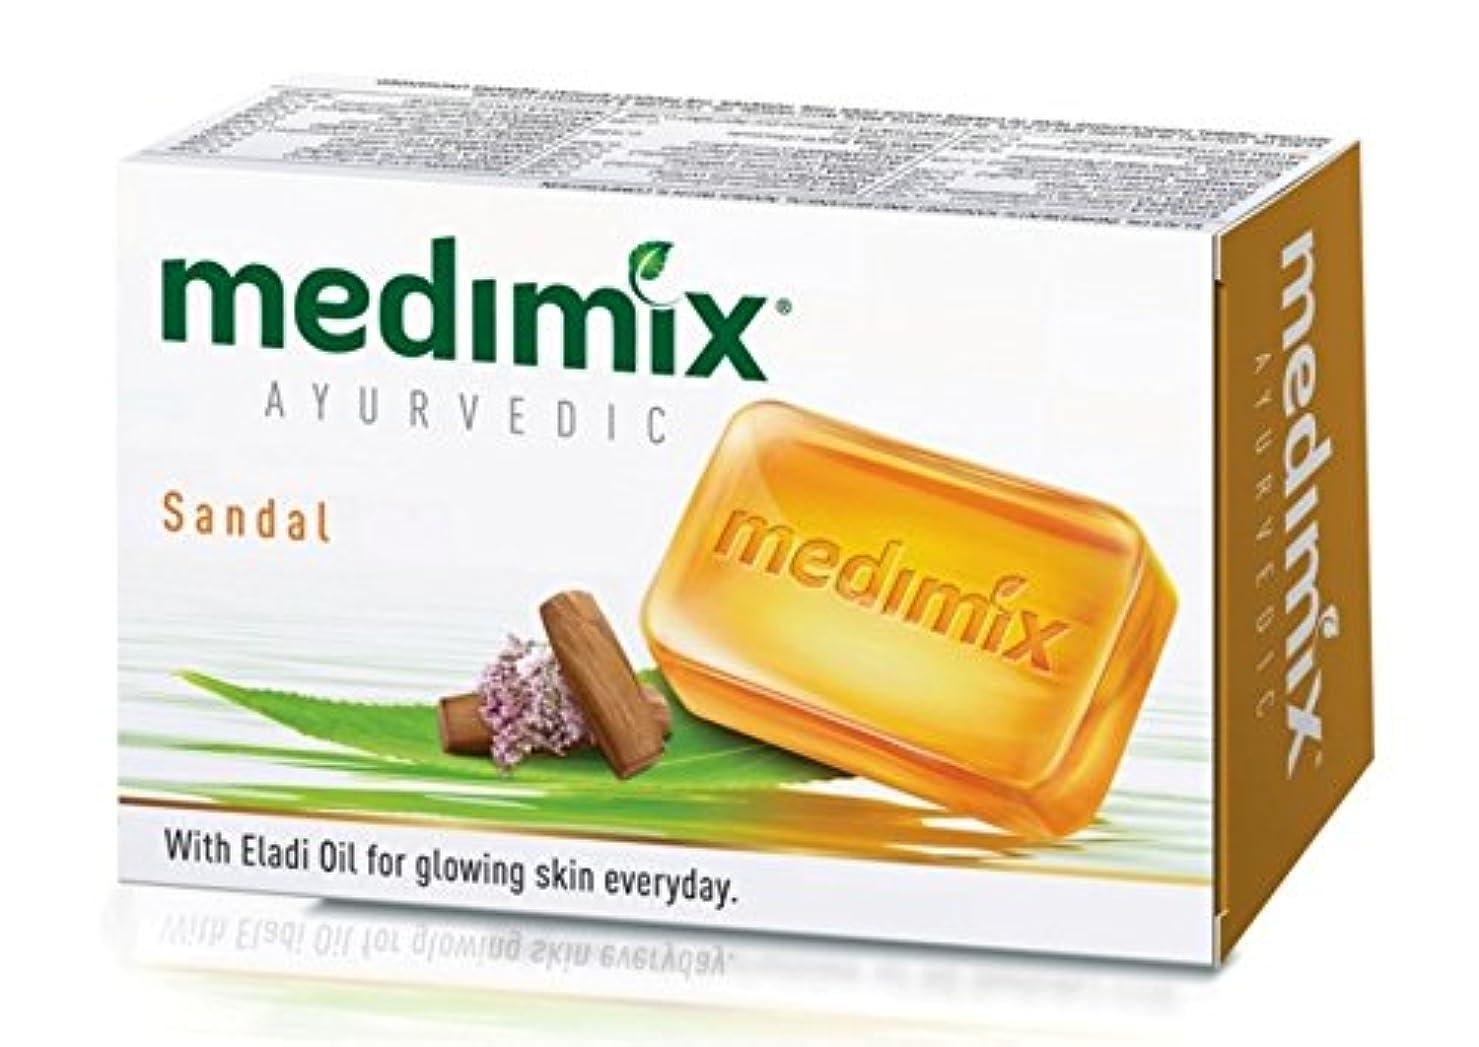 バーオール騒ぎ【medimix国内正規品】メディミックス Sandal ハーブから作られたオーガニック石鹸